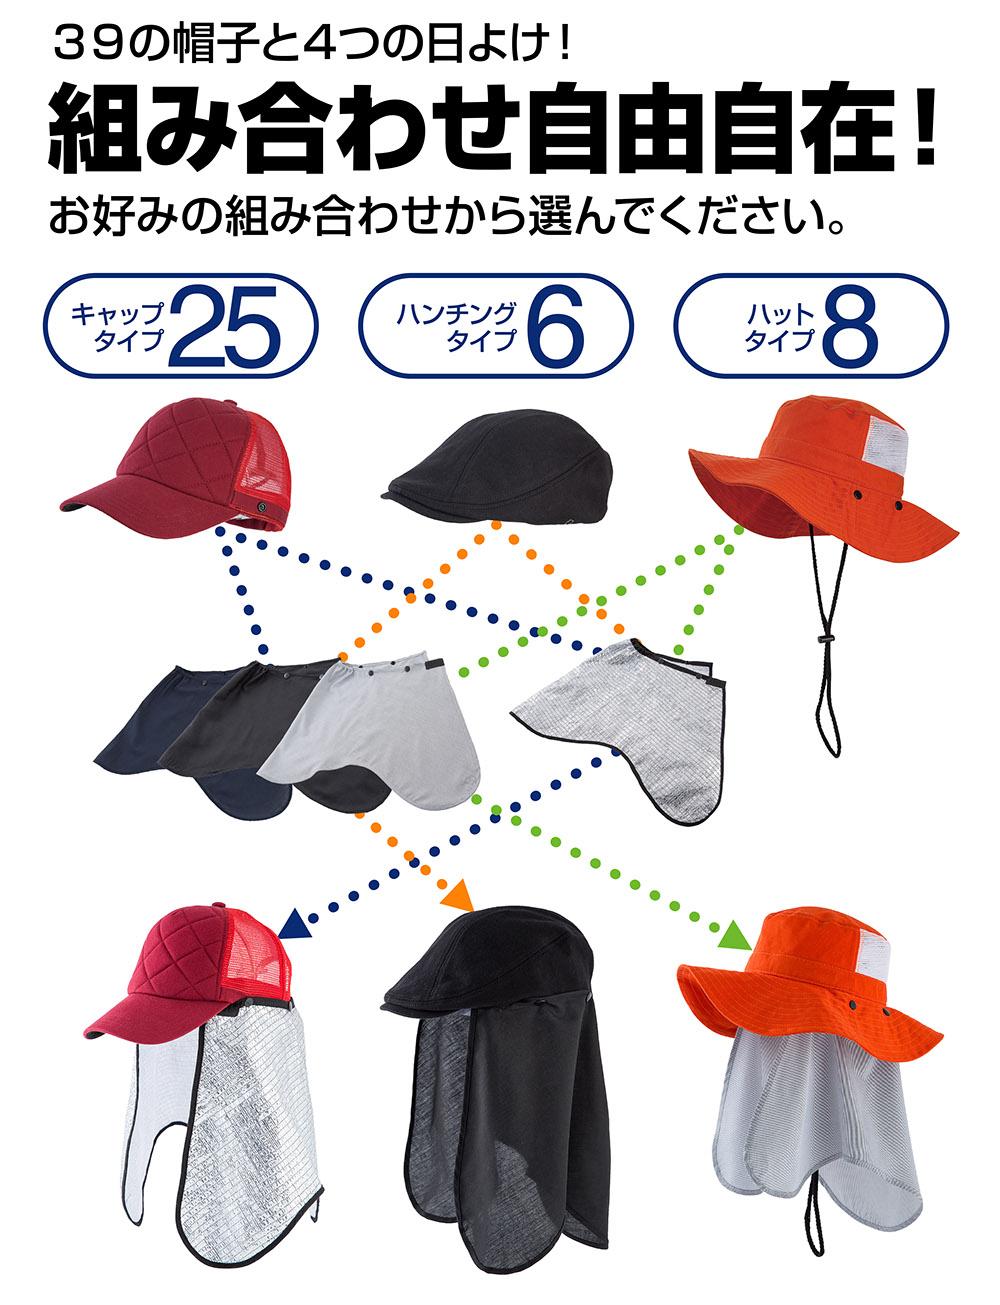 組合せ自由自在 39の帽子と4つの日よけ